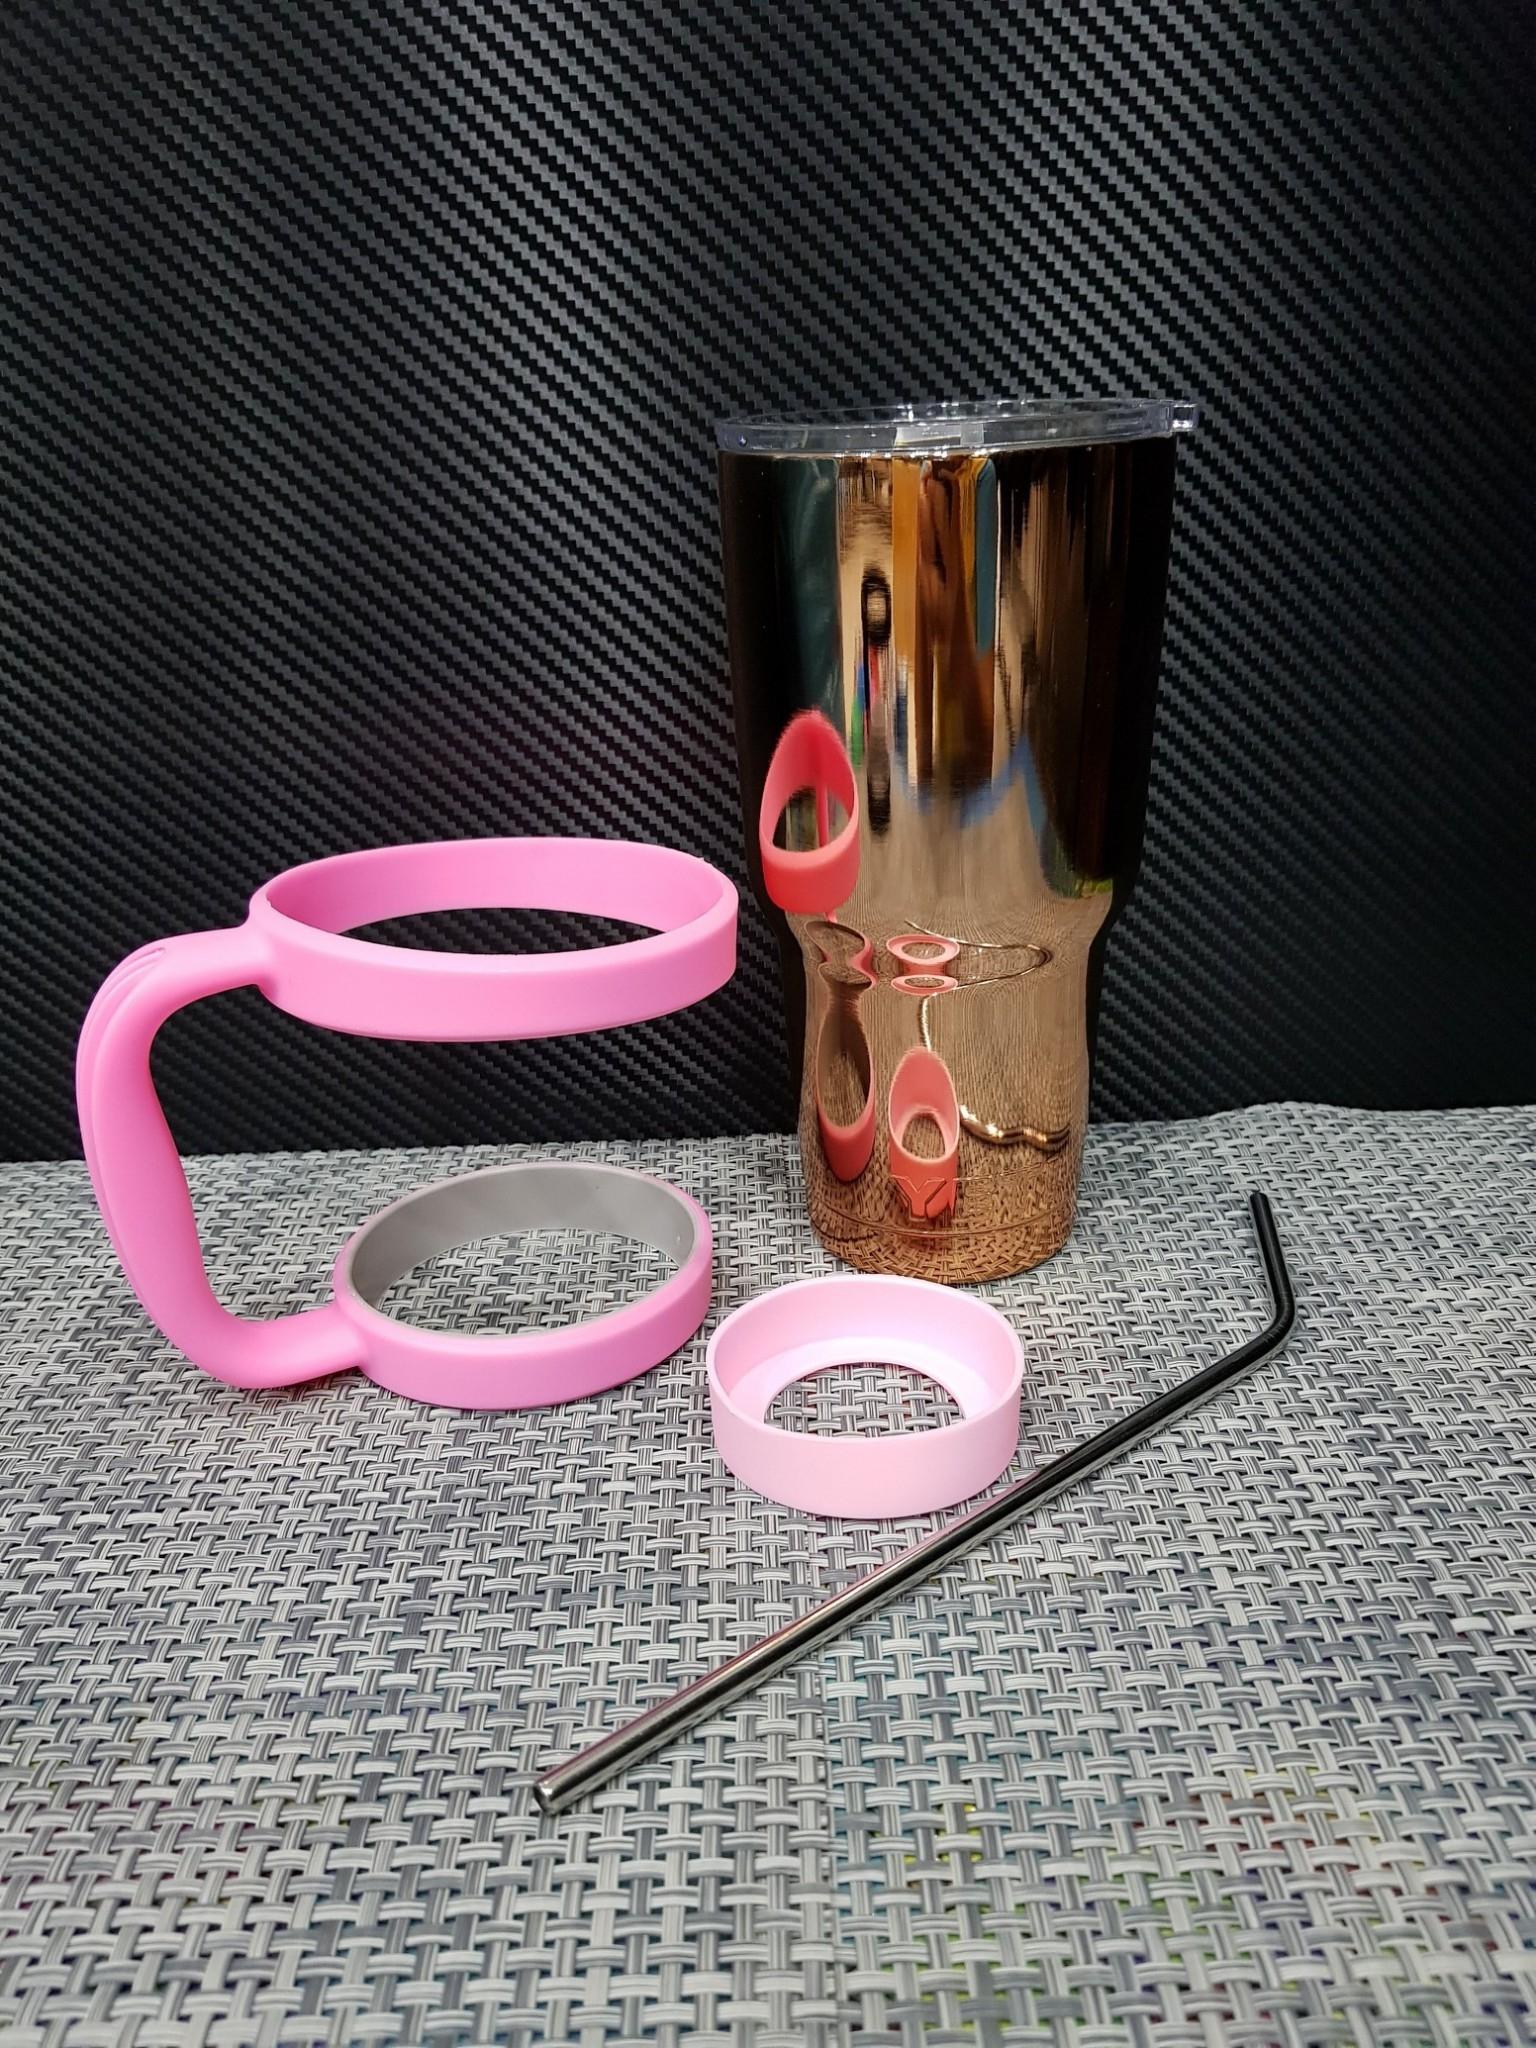 ชุดแก้วเยติ 30 ออนซ์ สีทองแดง